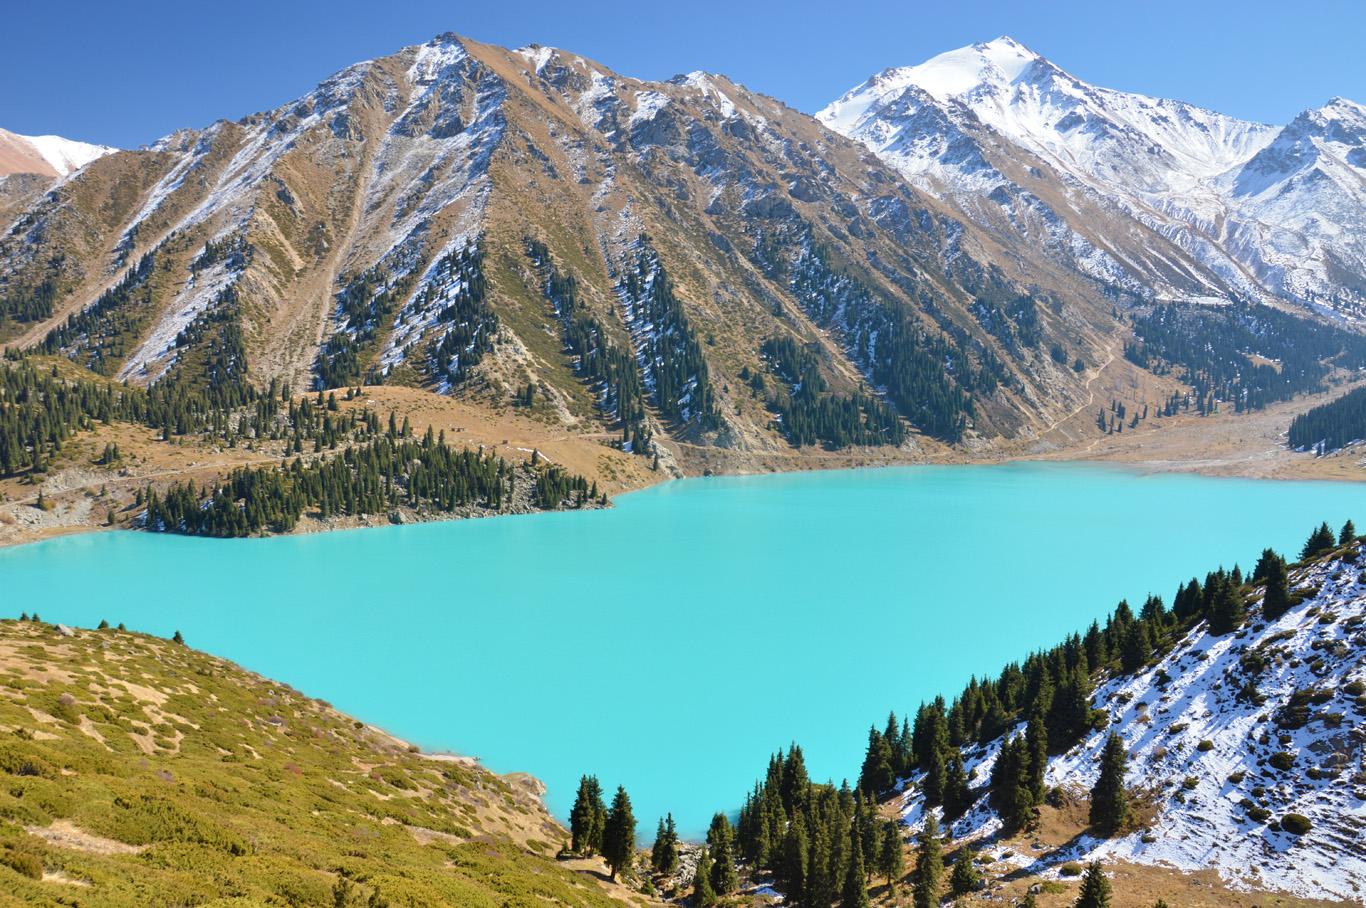 พาเที่ยว ทะเลสาบแห่งคาซัคสถาน ที่สวยจนนึกว่าอยู่ยุโรป